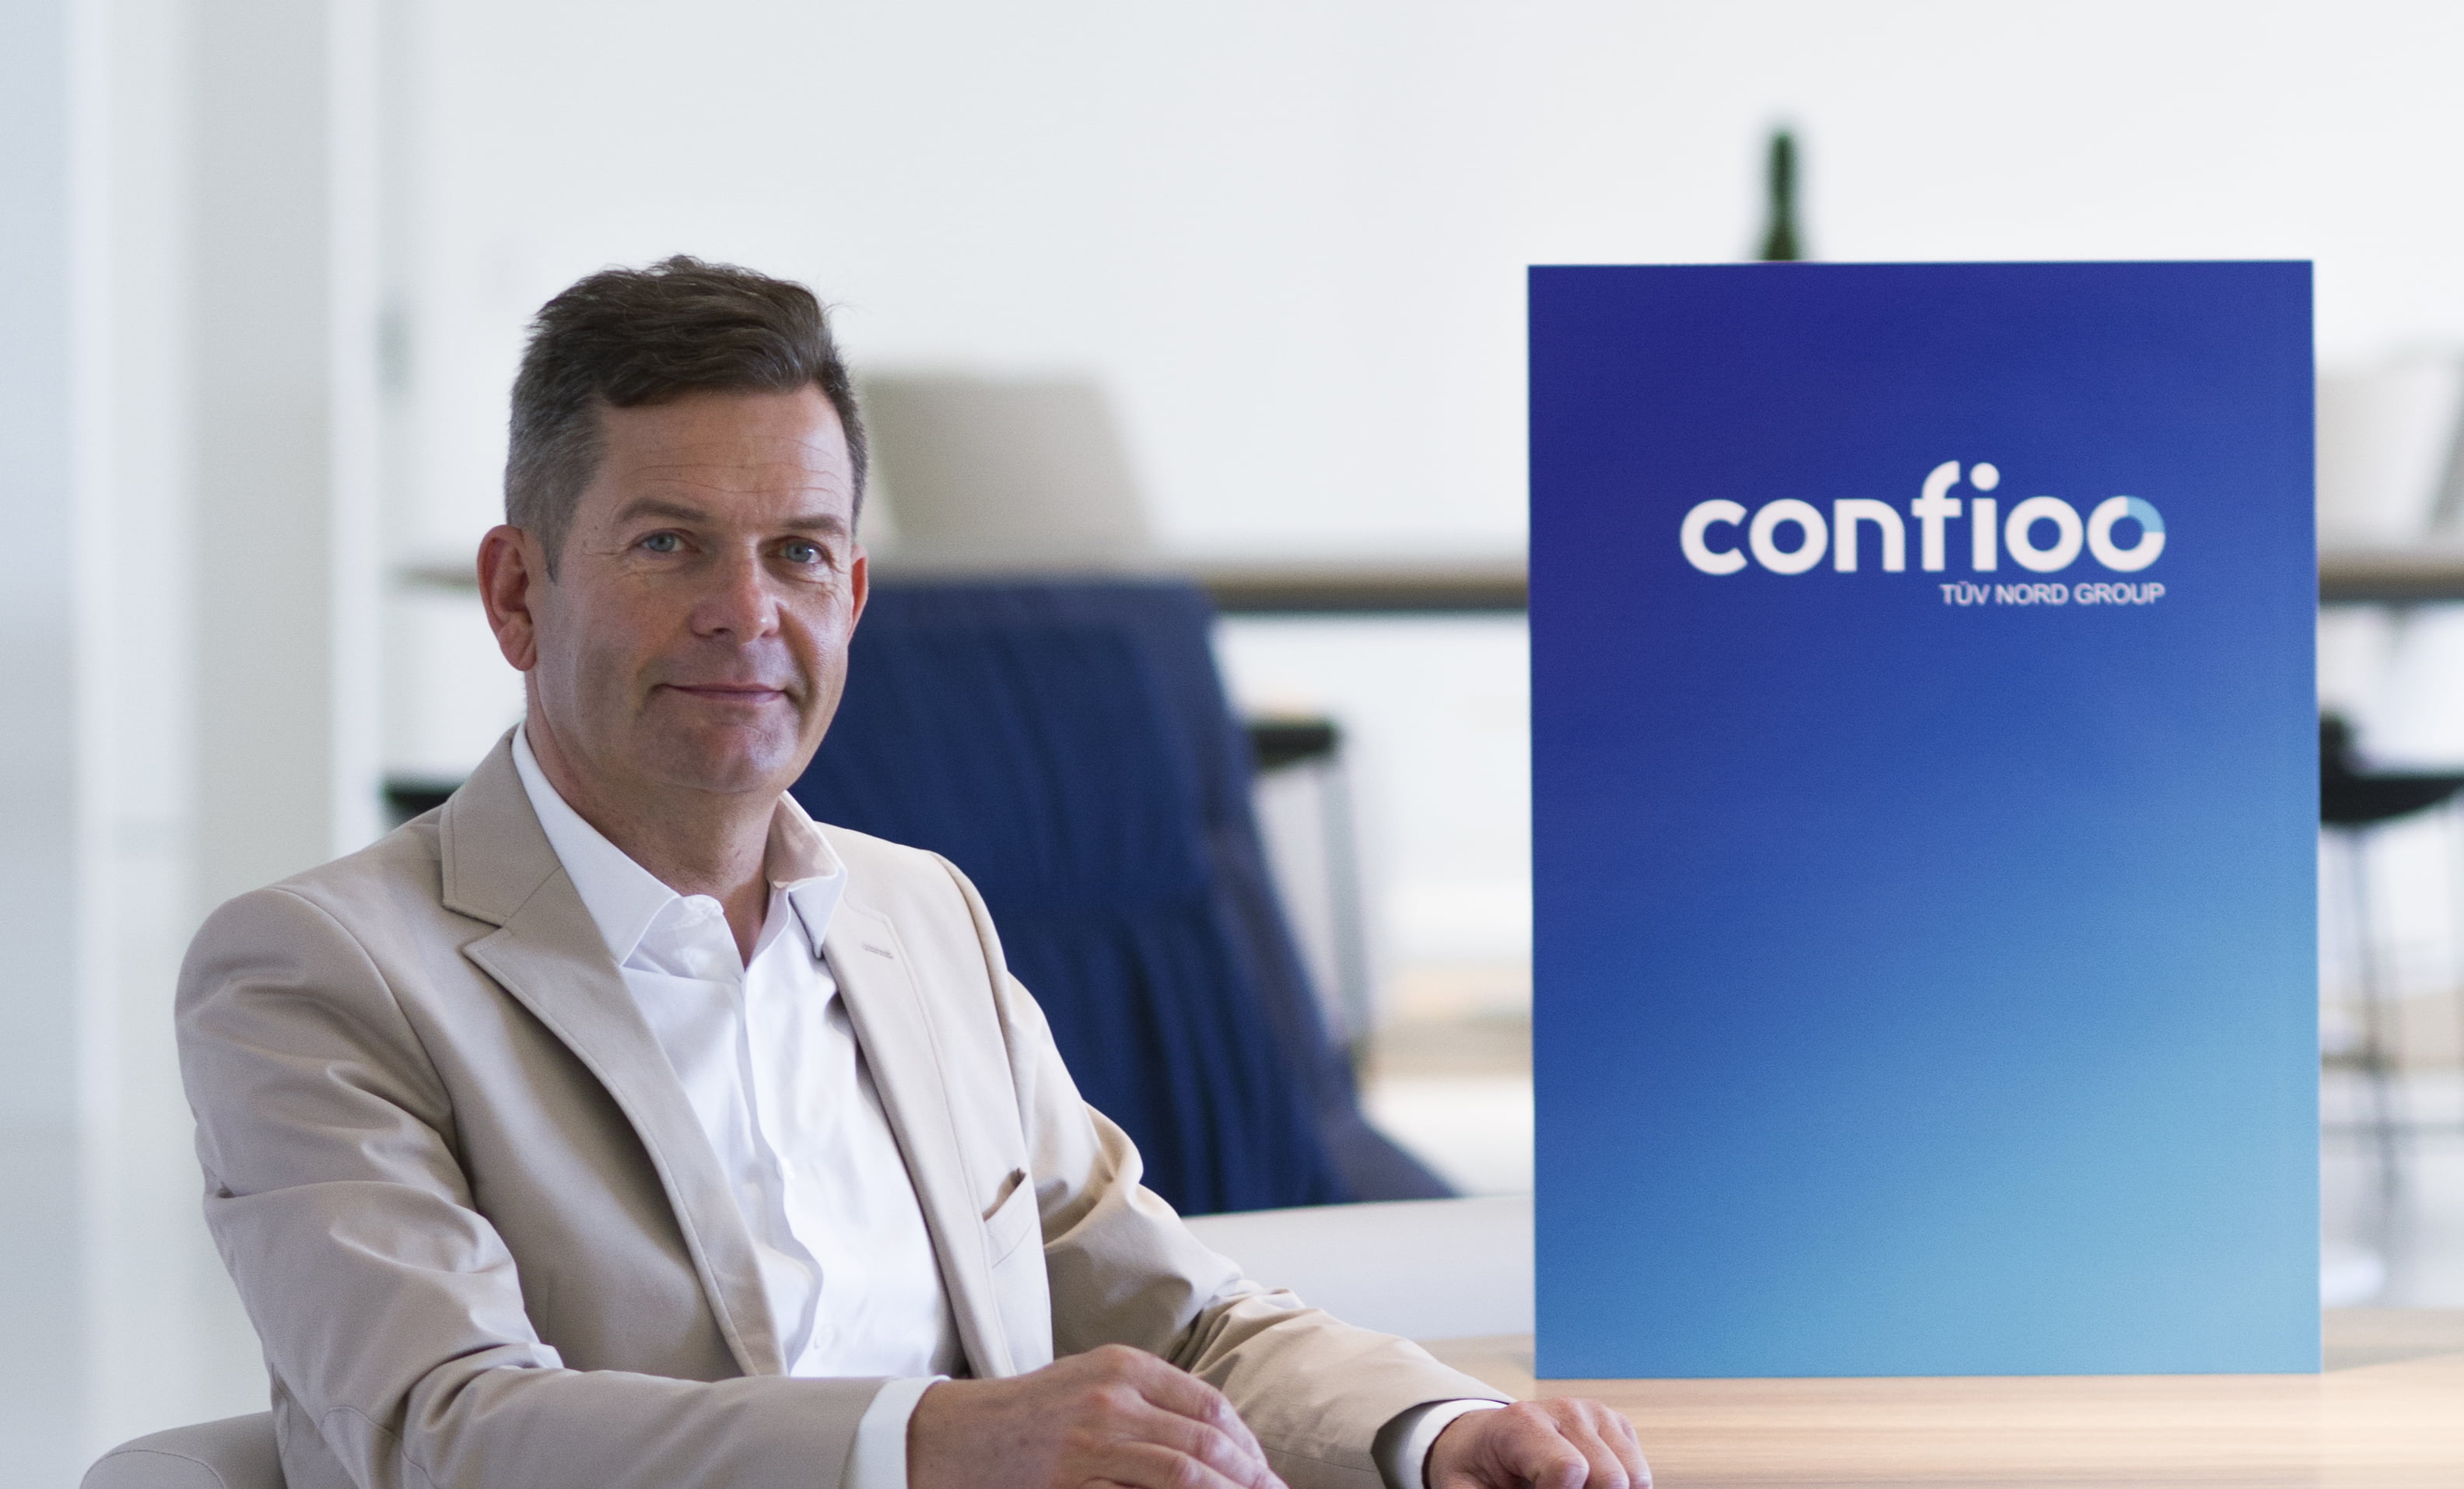 Nace Confioo, la primera empresa de certificaciones para vehículos de segunda mano